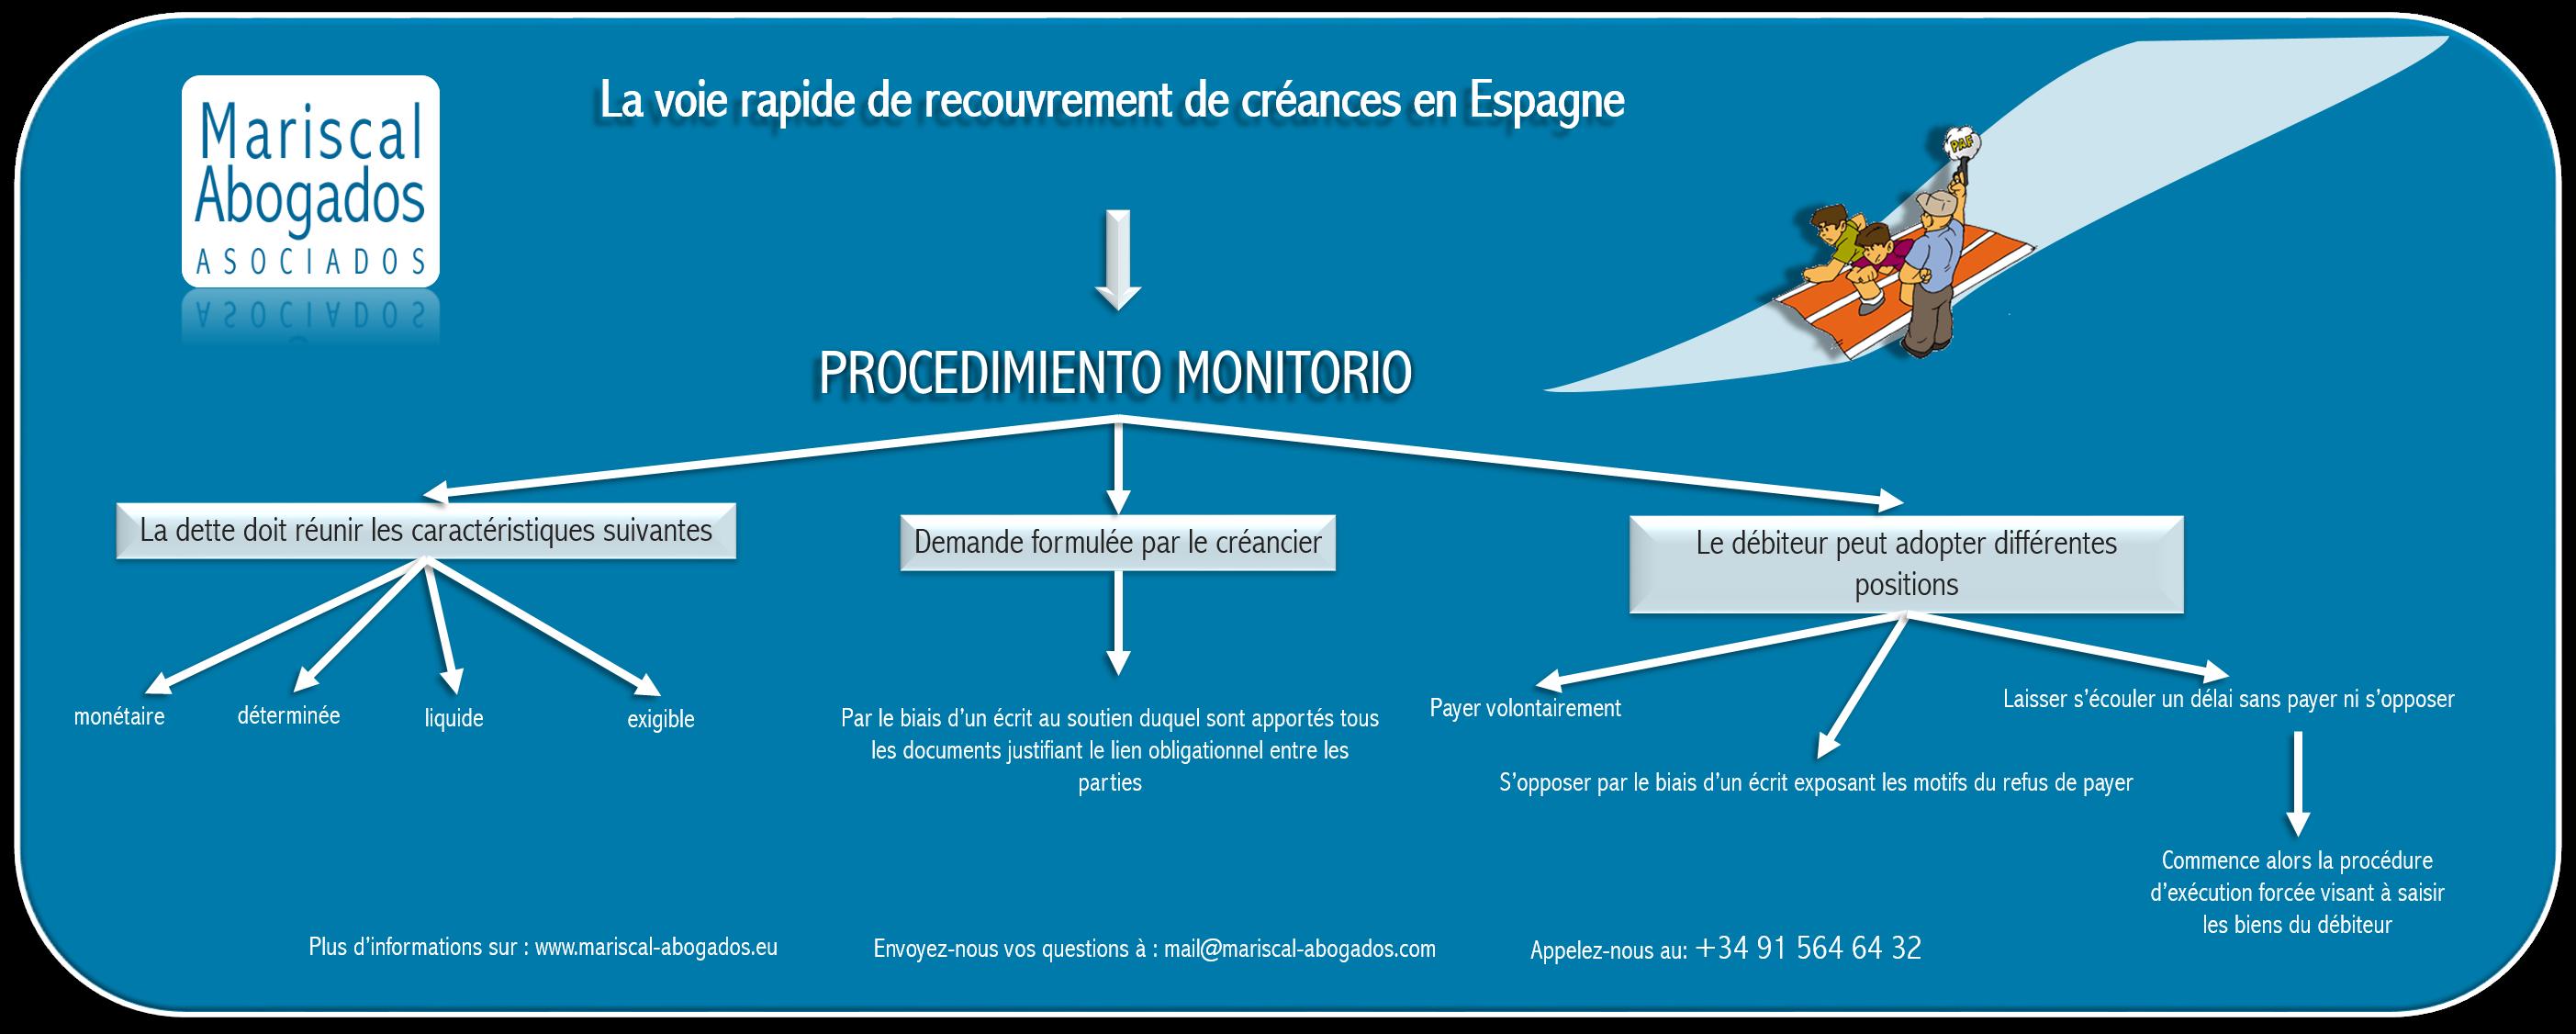 19 2015 La procédure d'injonction de payer en Espagne, un moyen rapide d'obtenir le paiement des créances